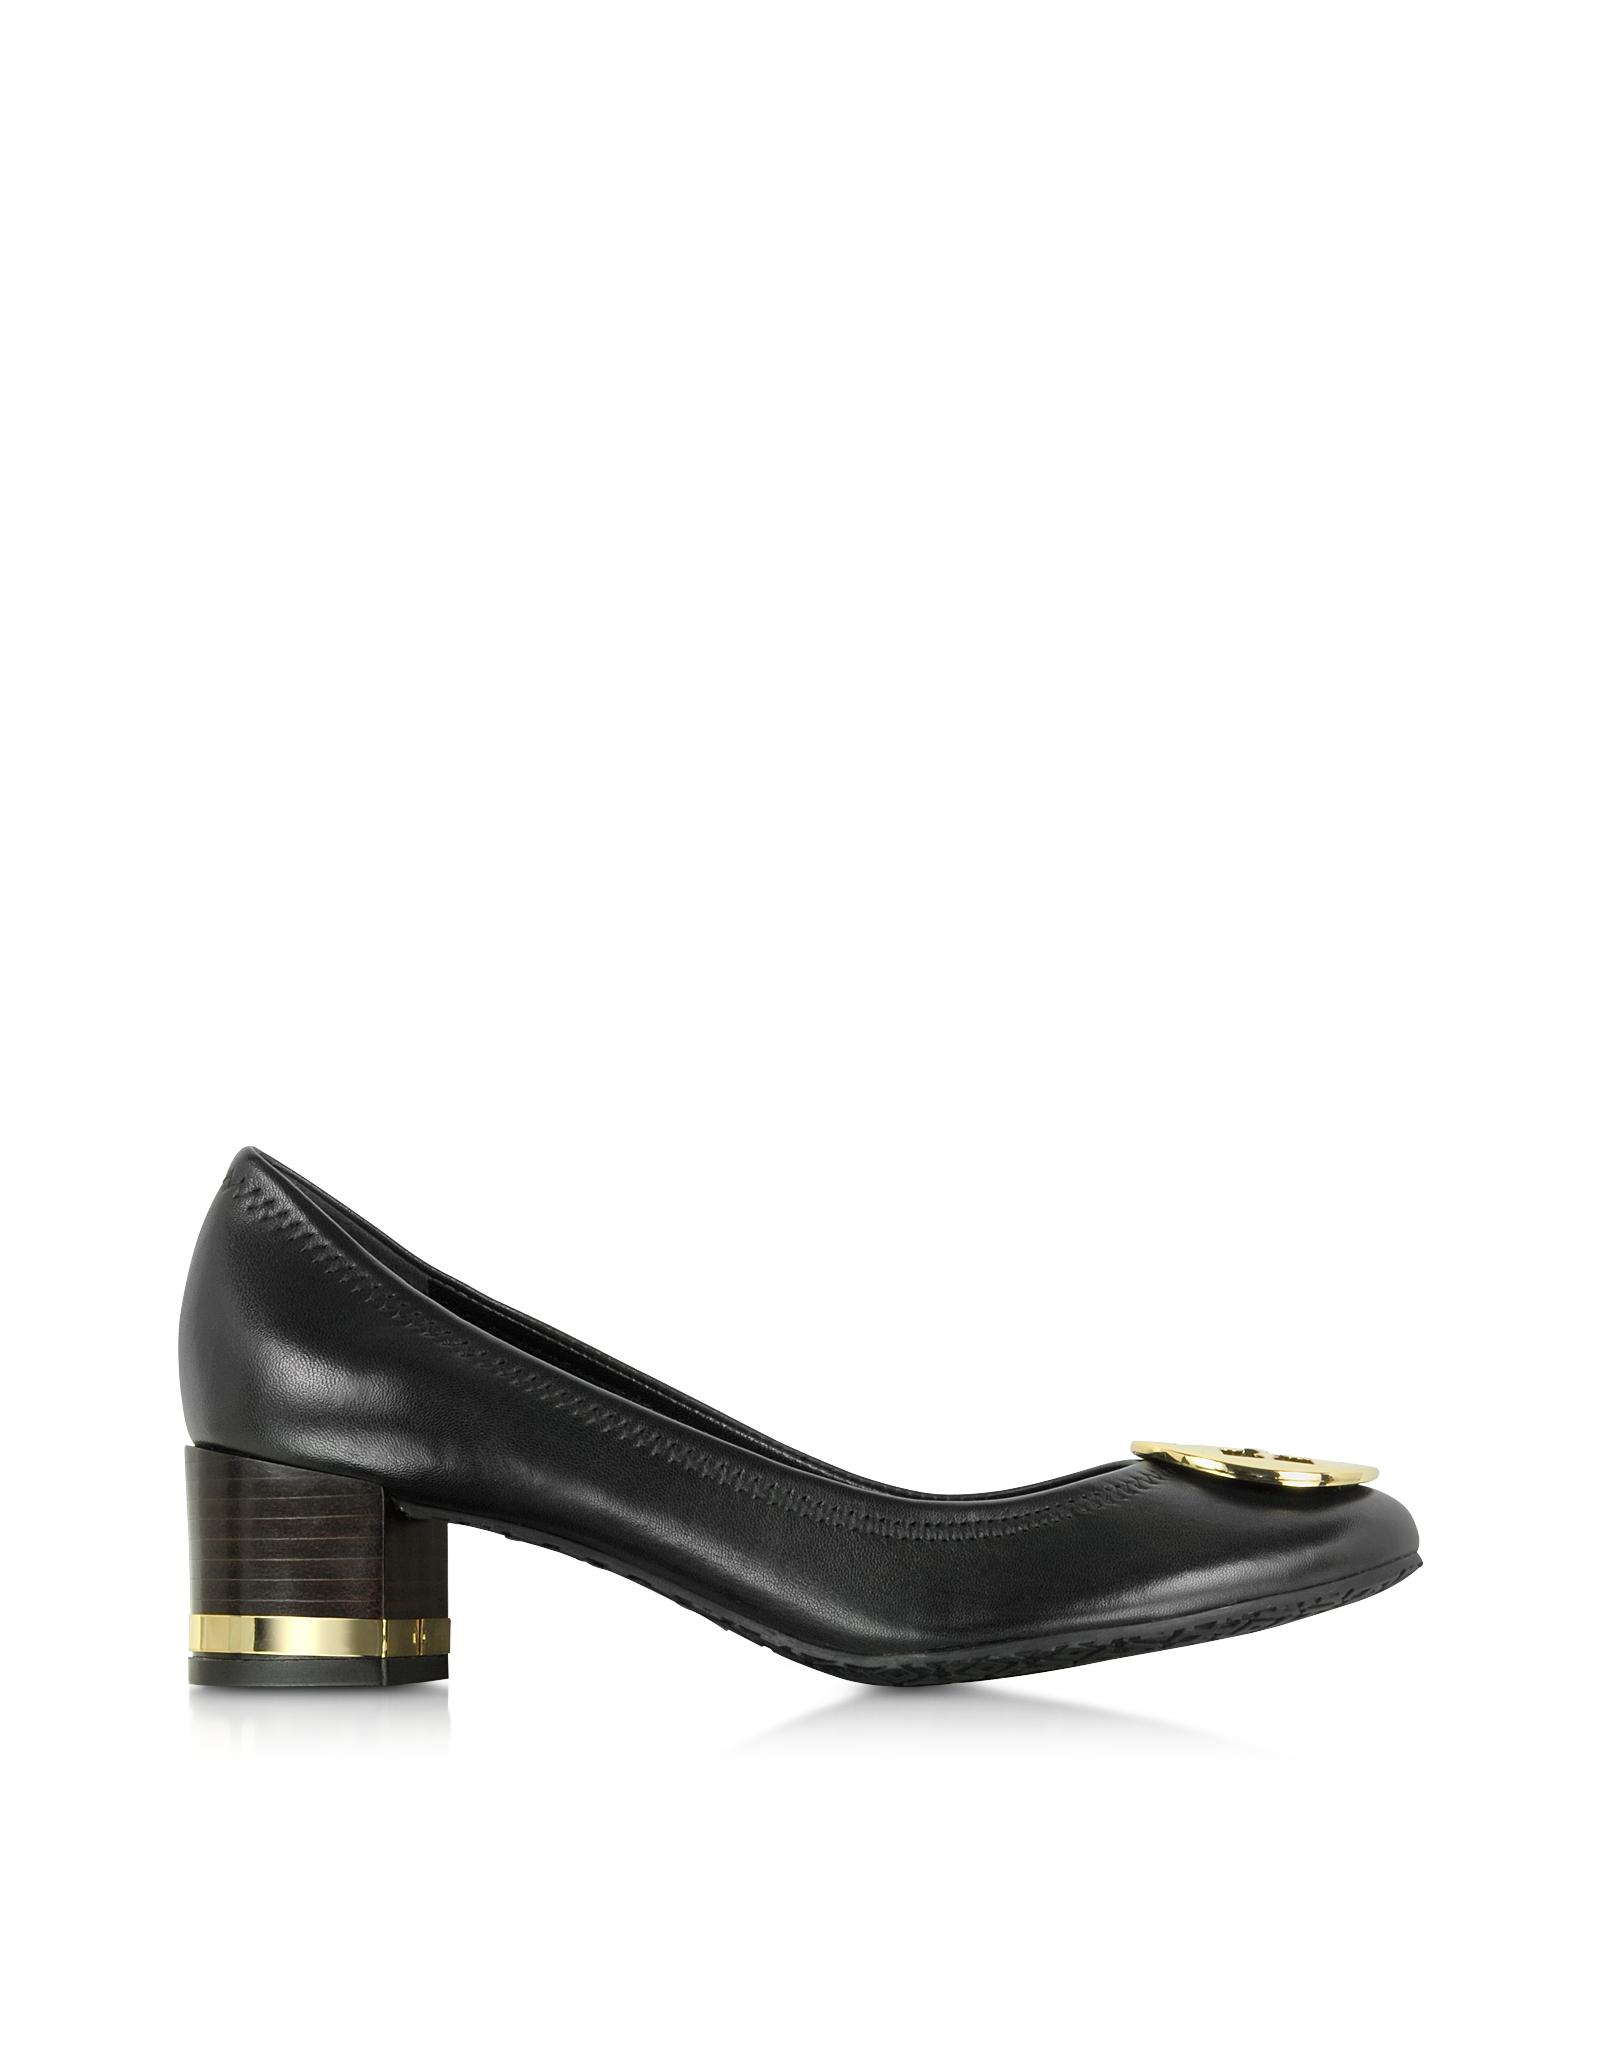 c8b452136a1020 Lyst - Tory Burch Black Basic Amy Mid Heel Pump in Black